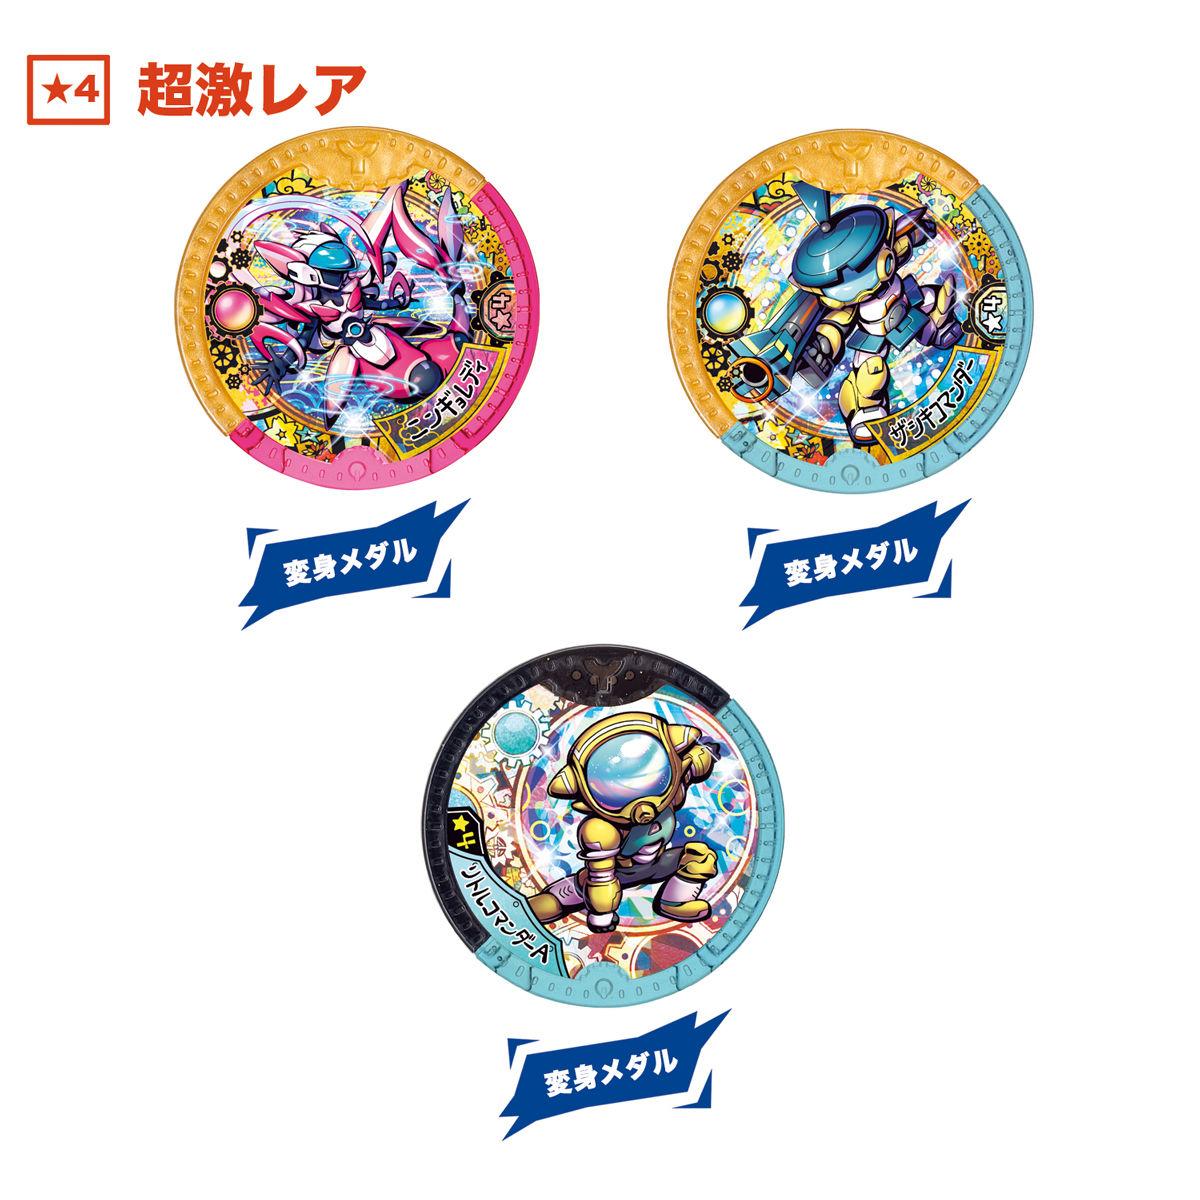 妖怪Yメダル オールスターヒーローズ!